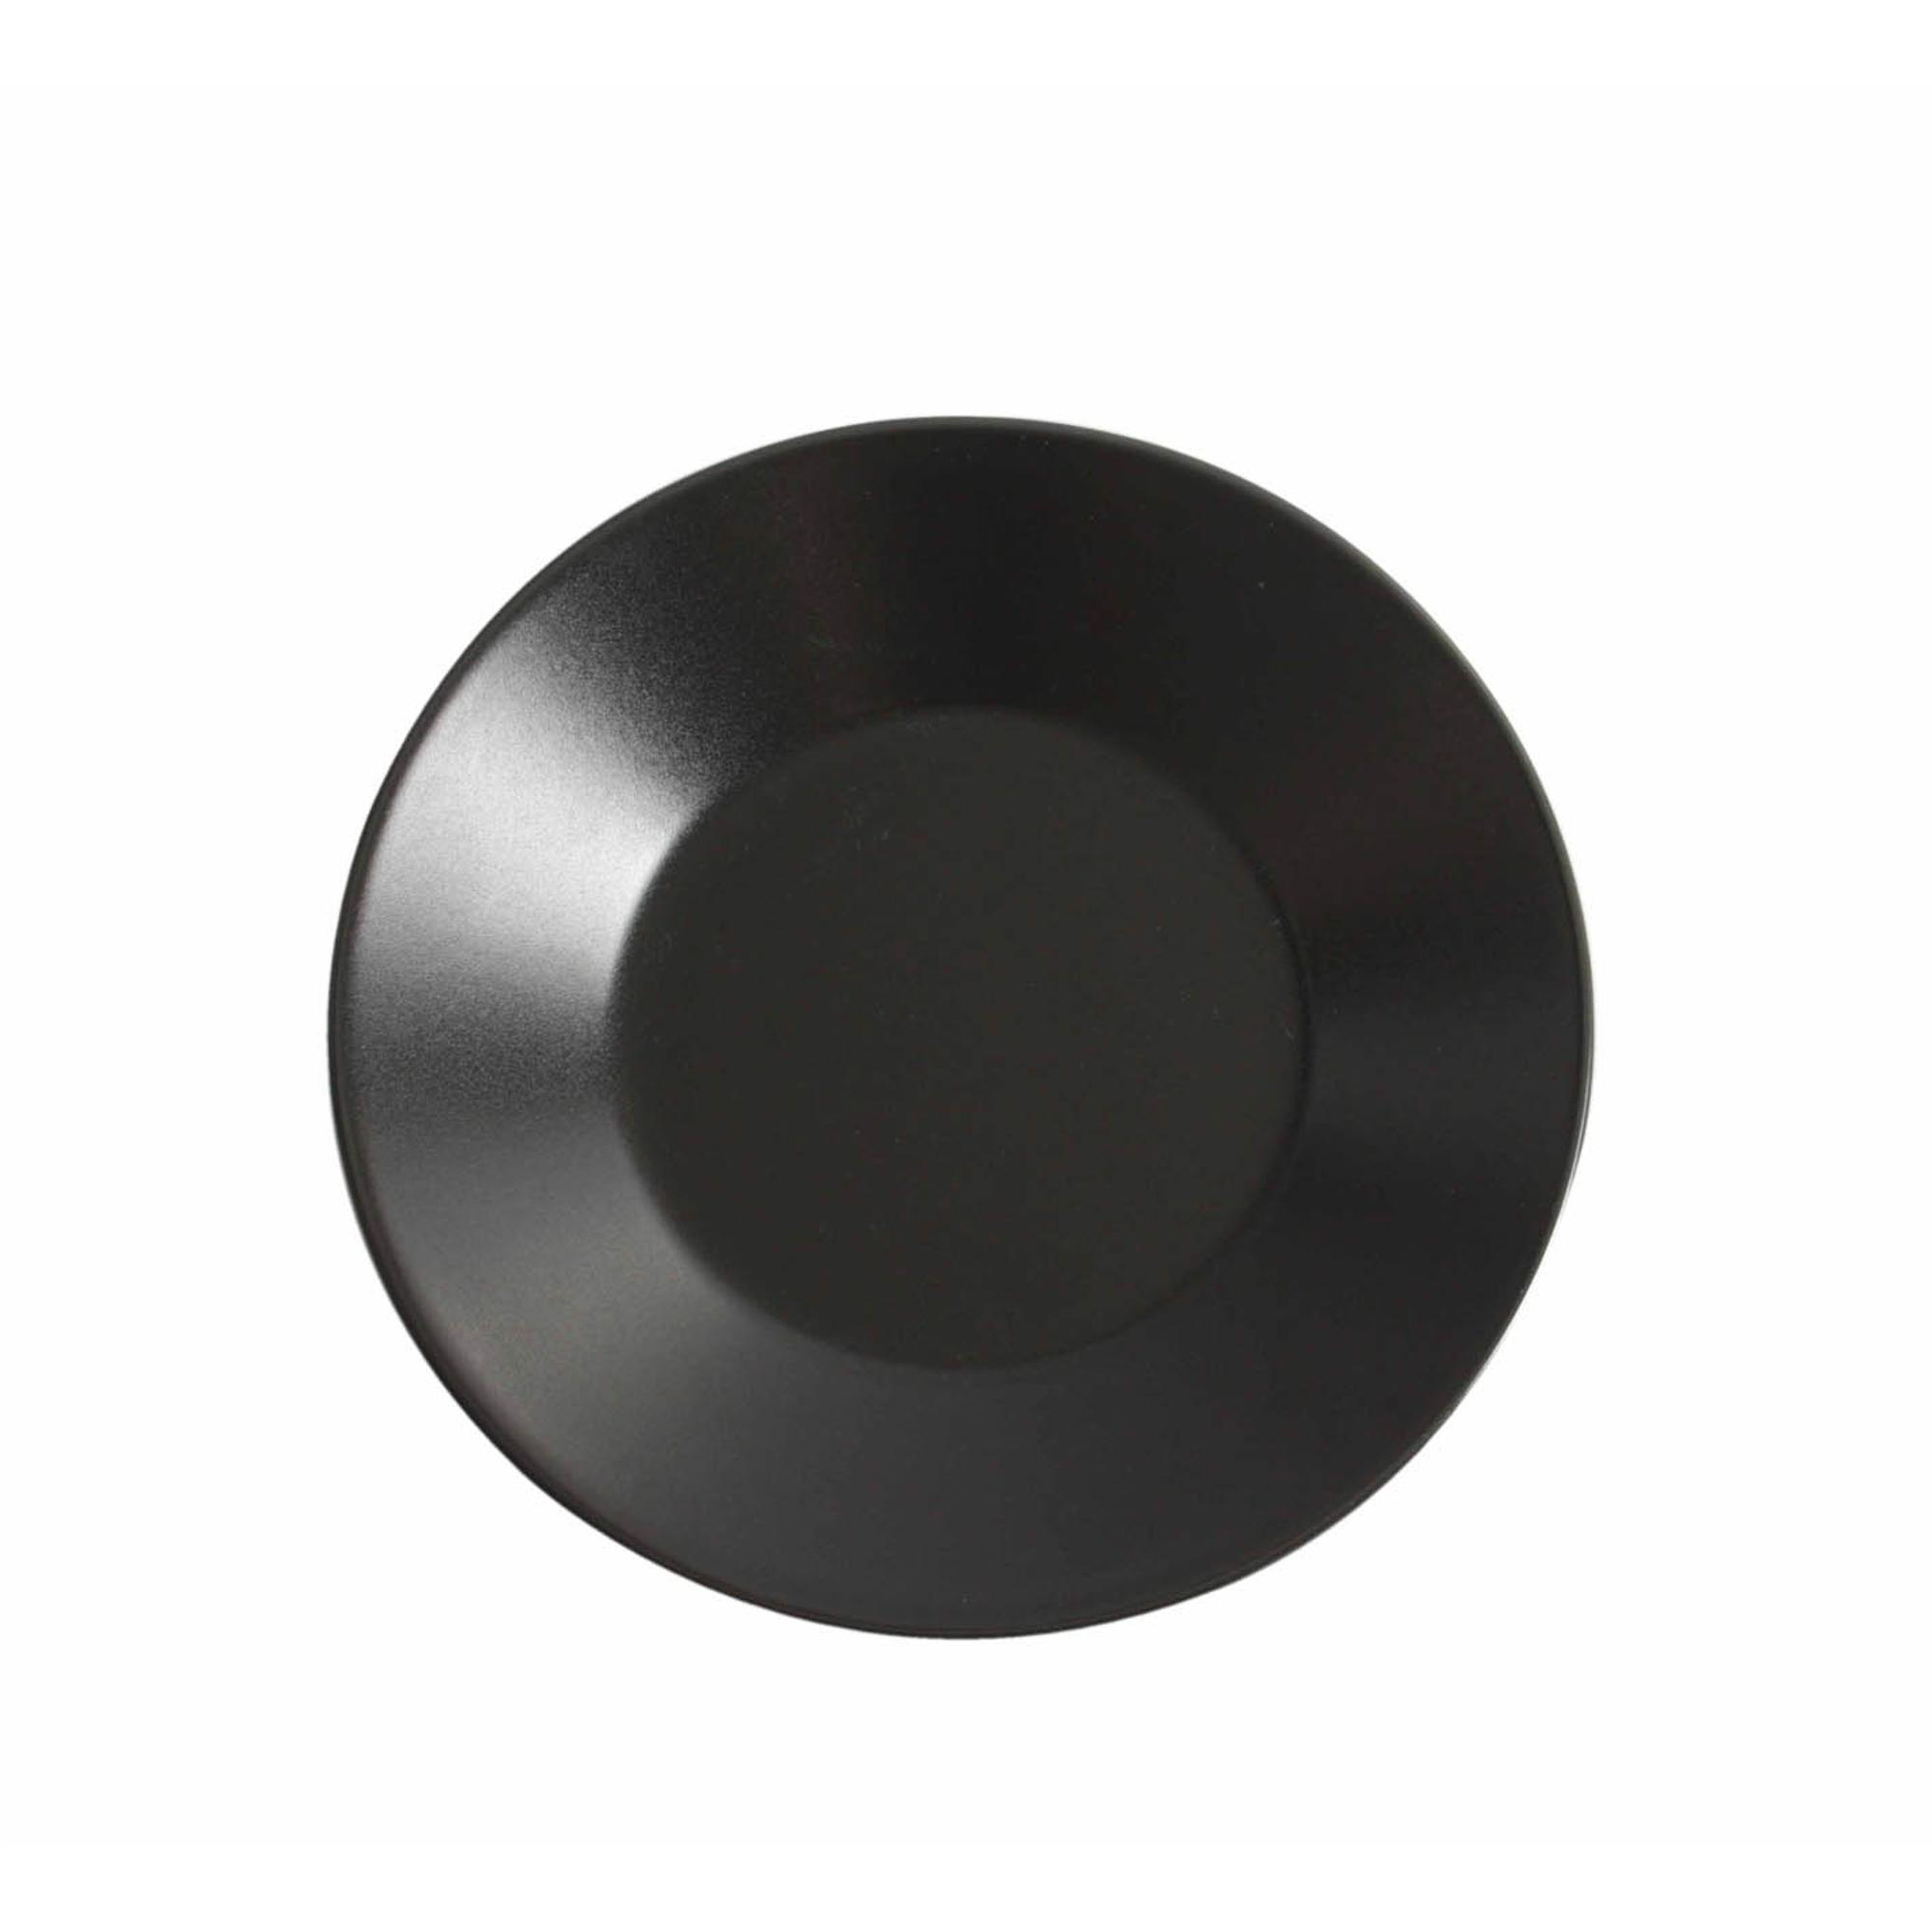 Piatto piano da Frutta rotondo 6 pezzi in Gres Nero 21 CM in colore nero